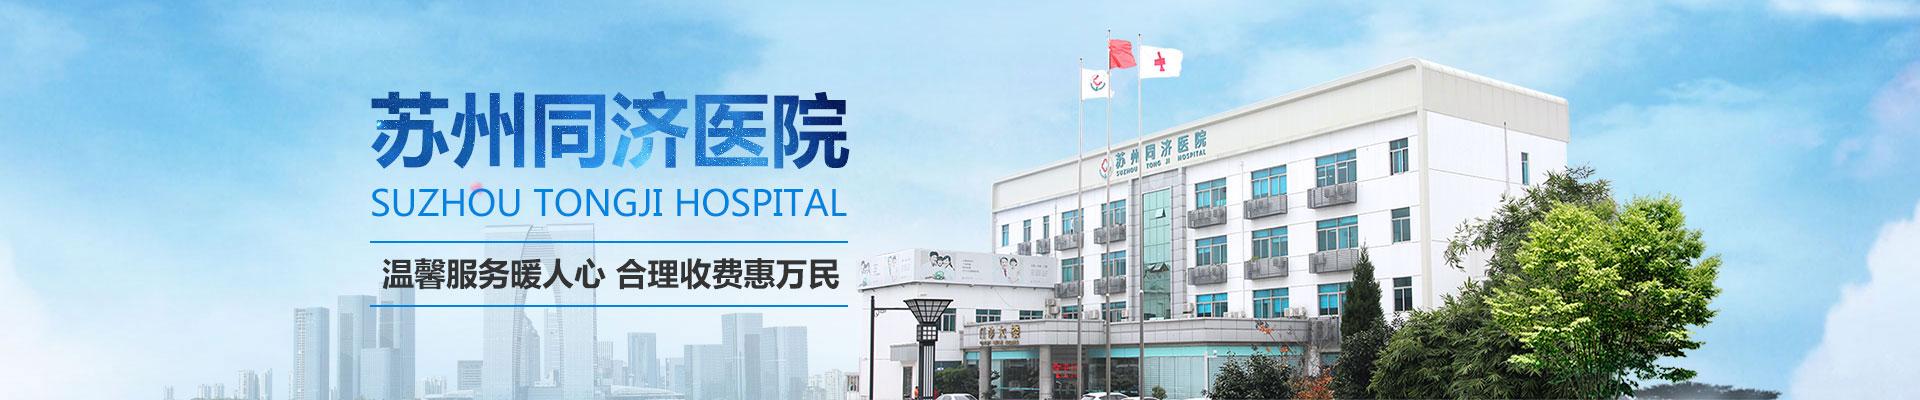 苏州体检医院